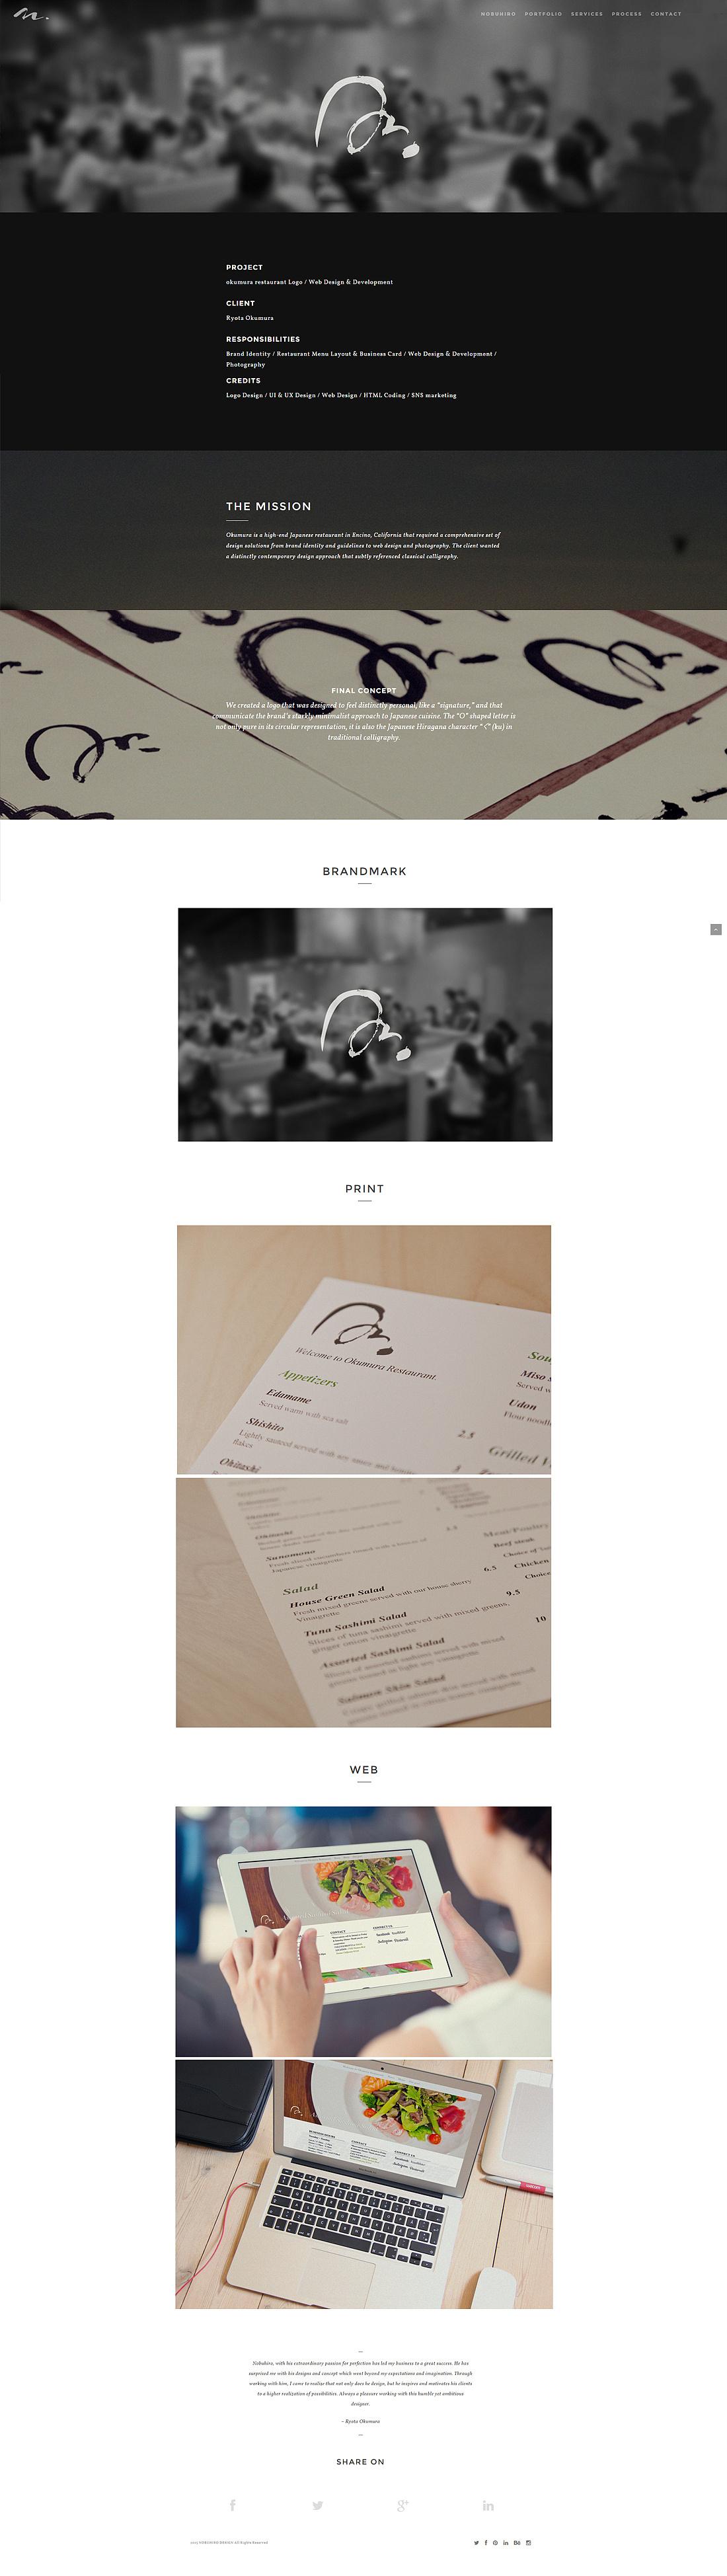 工业产品设计网站_电脑网站设计,盛唐网站建设,logo设计,平面设计,包装设计 ...